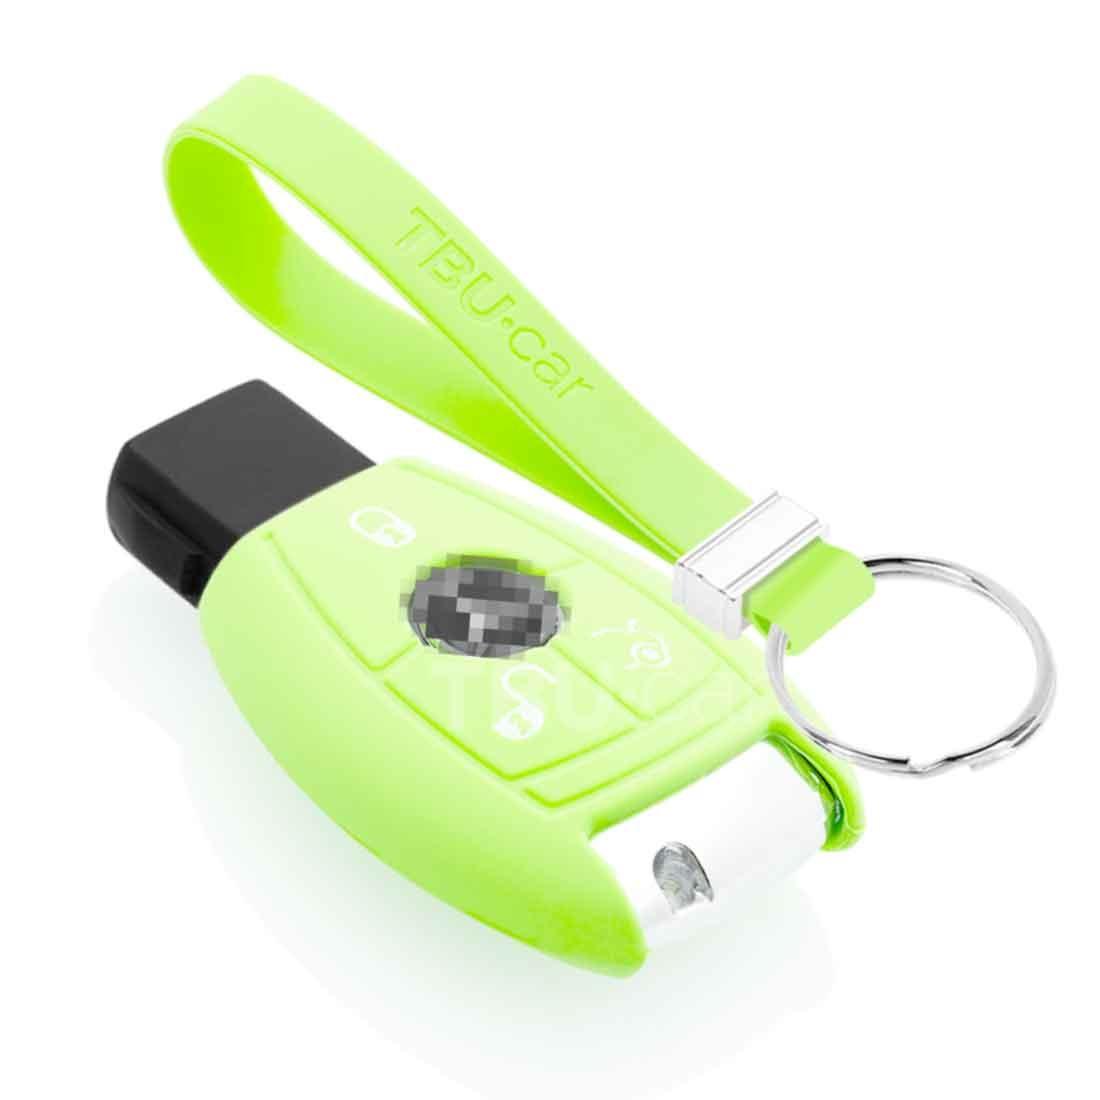 TBU car TBU car Autoschlüssel Hülle kompatibel mit Mercedes 3 Tasten - Schutzhülle aus Silikon - Auto Schlüsselhülle Cover in Im Dunkeln leuchten